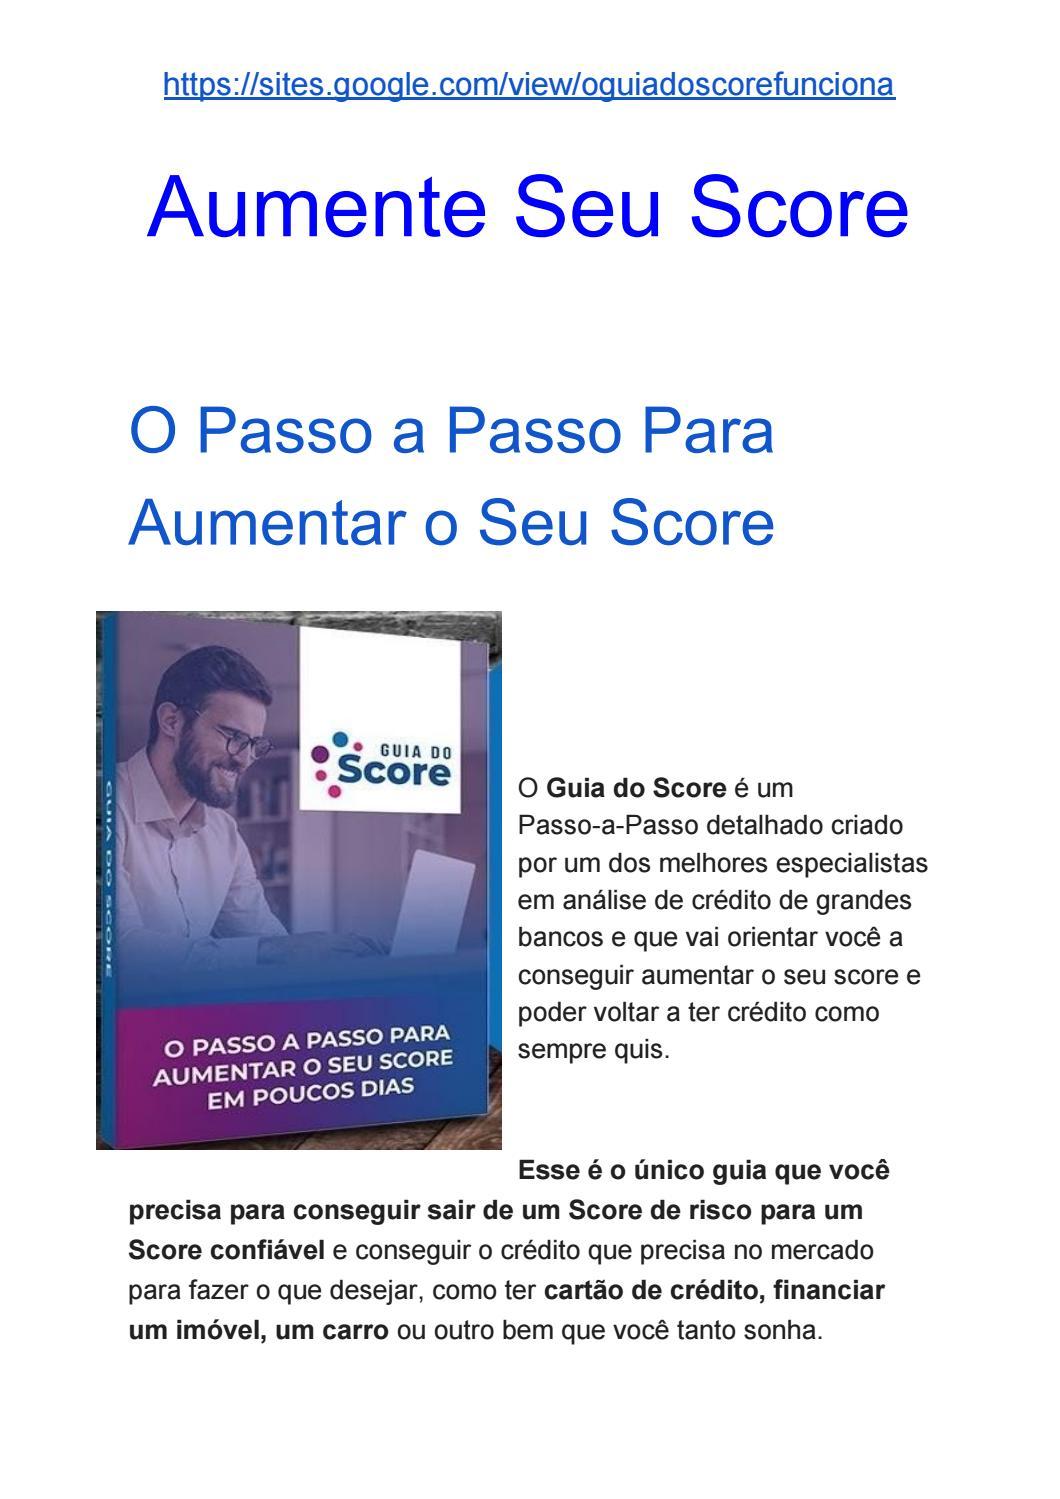 guia do score alto 3.0